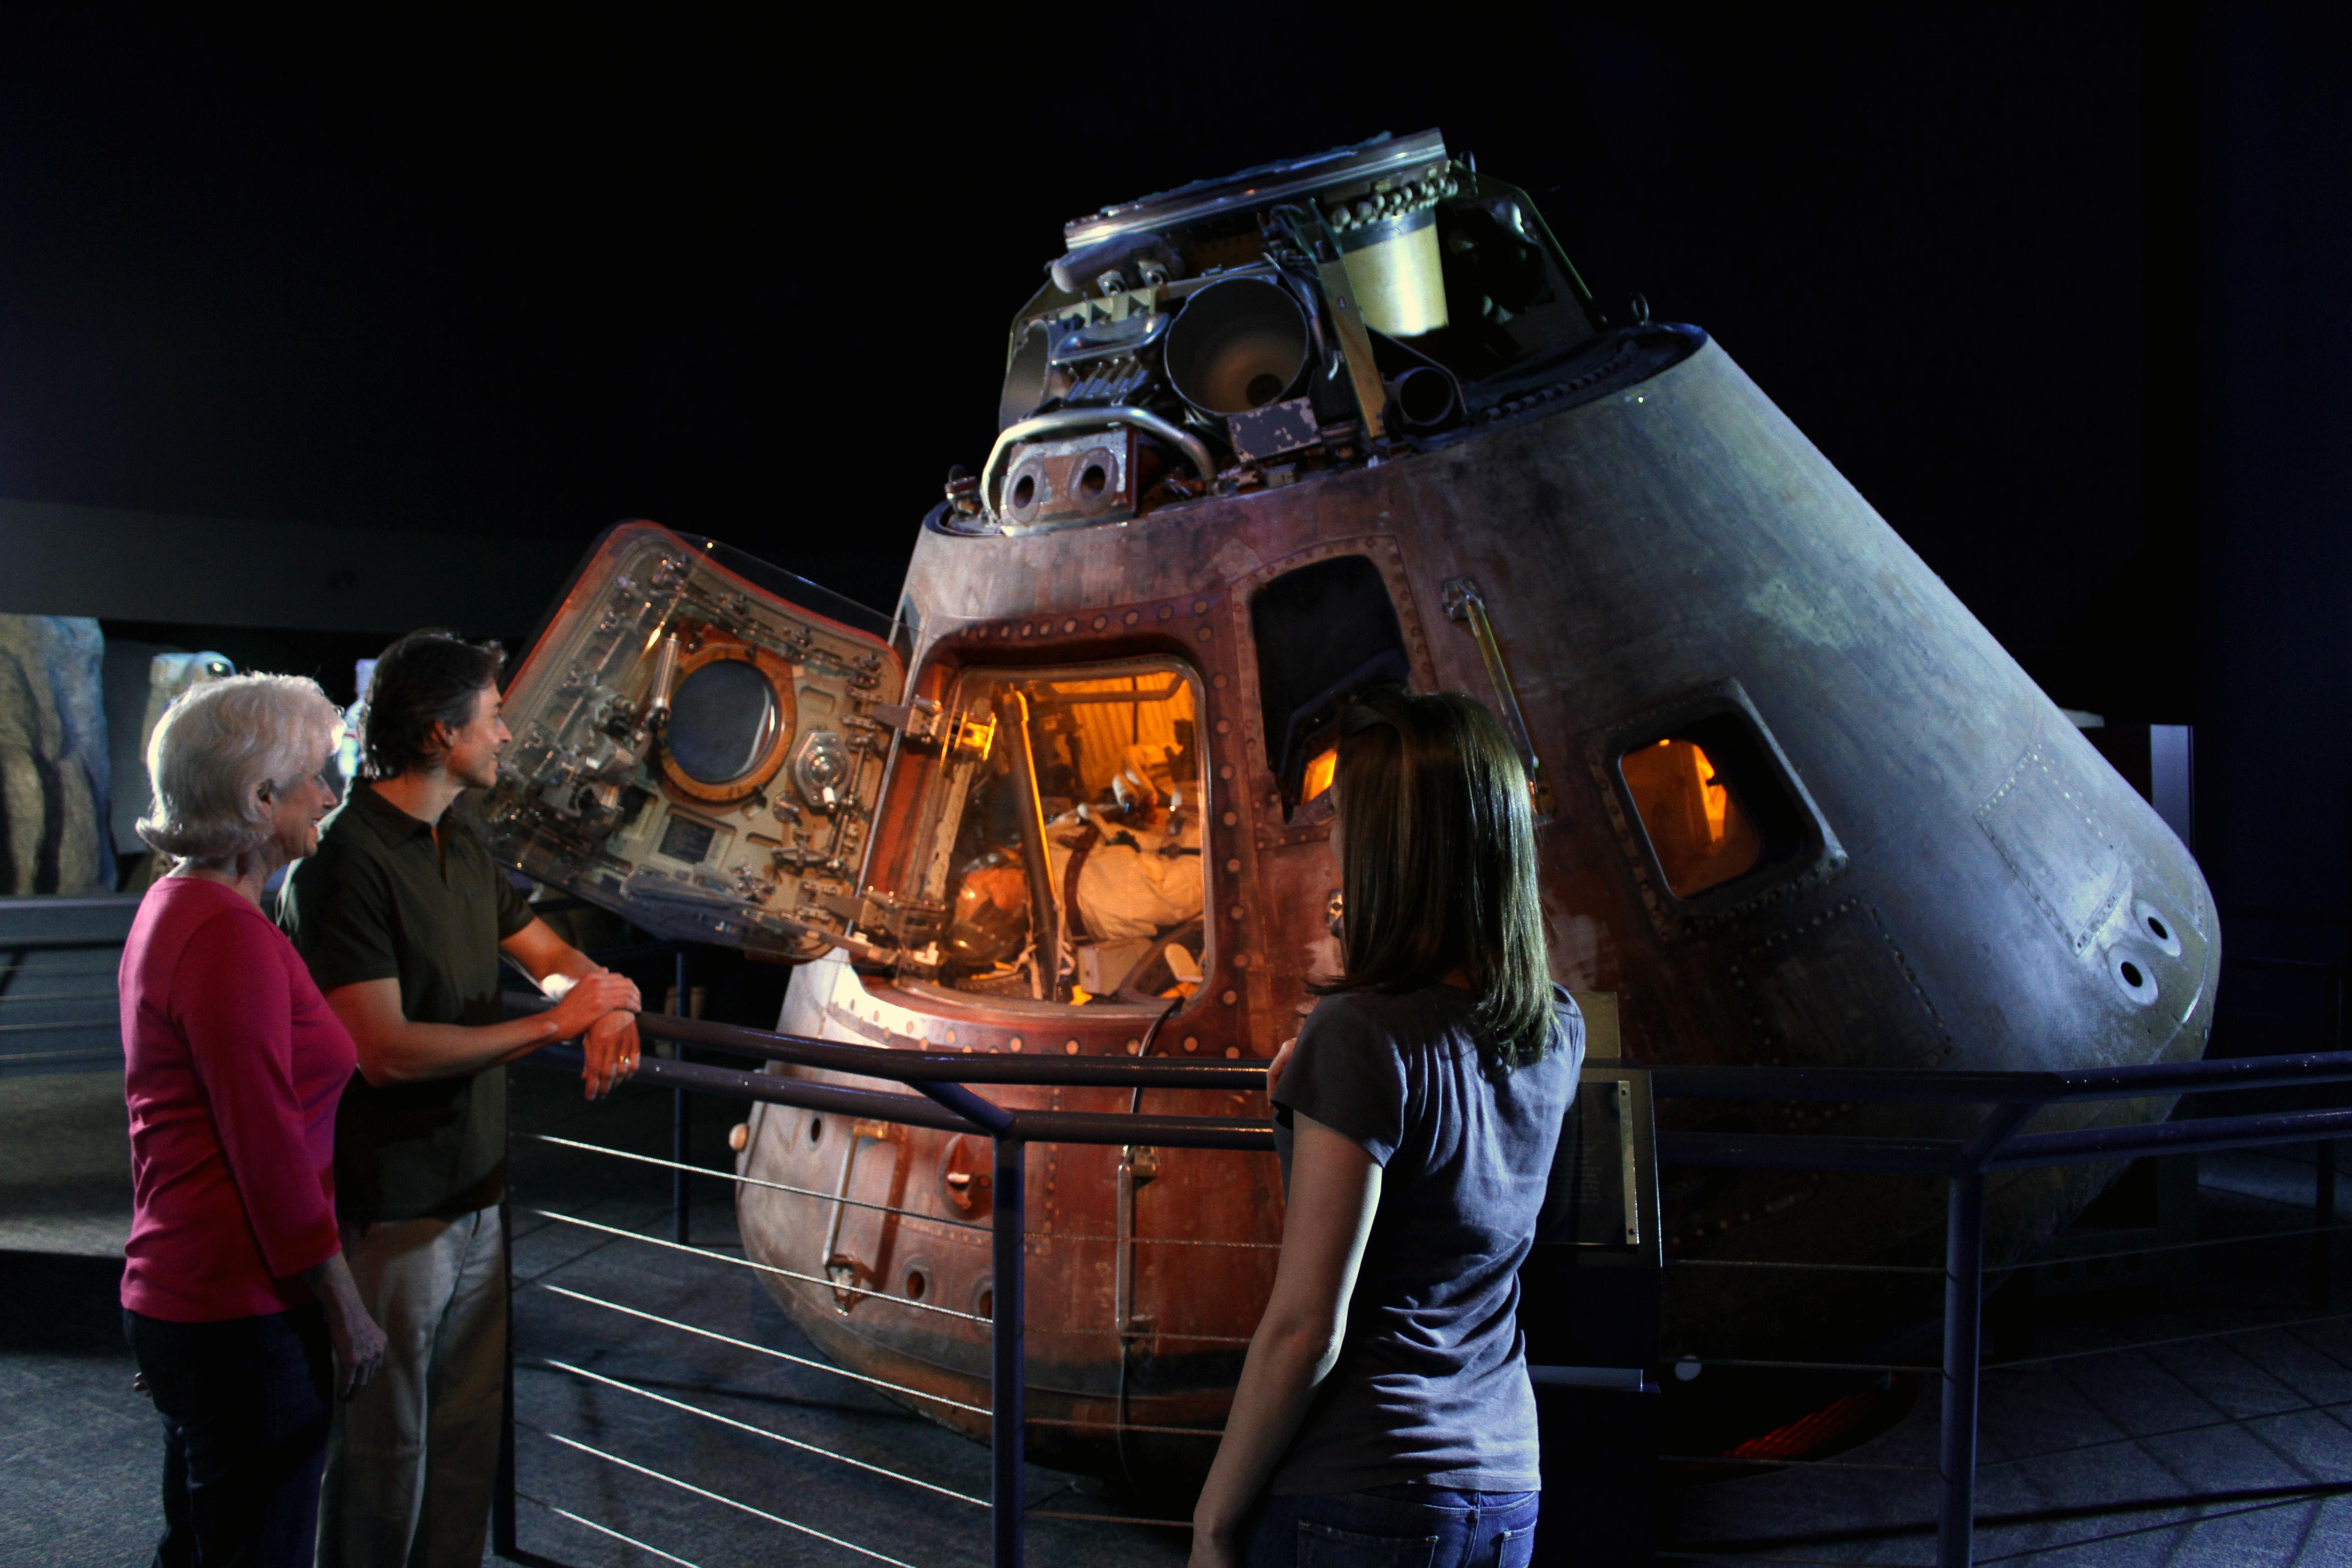 Apollo 17 Spacecraft